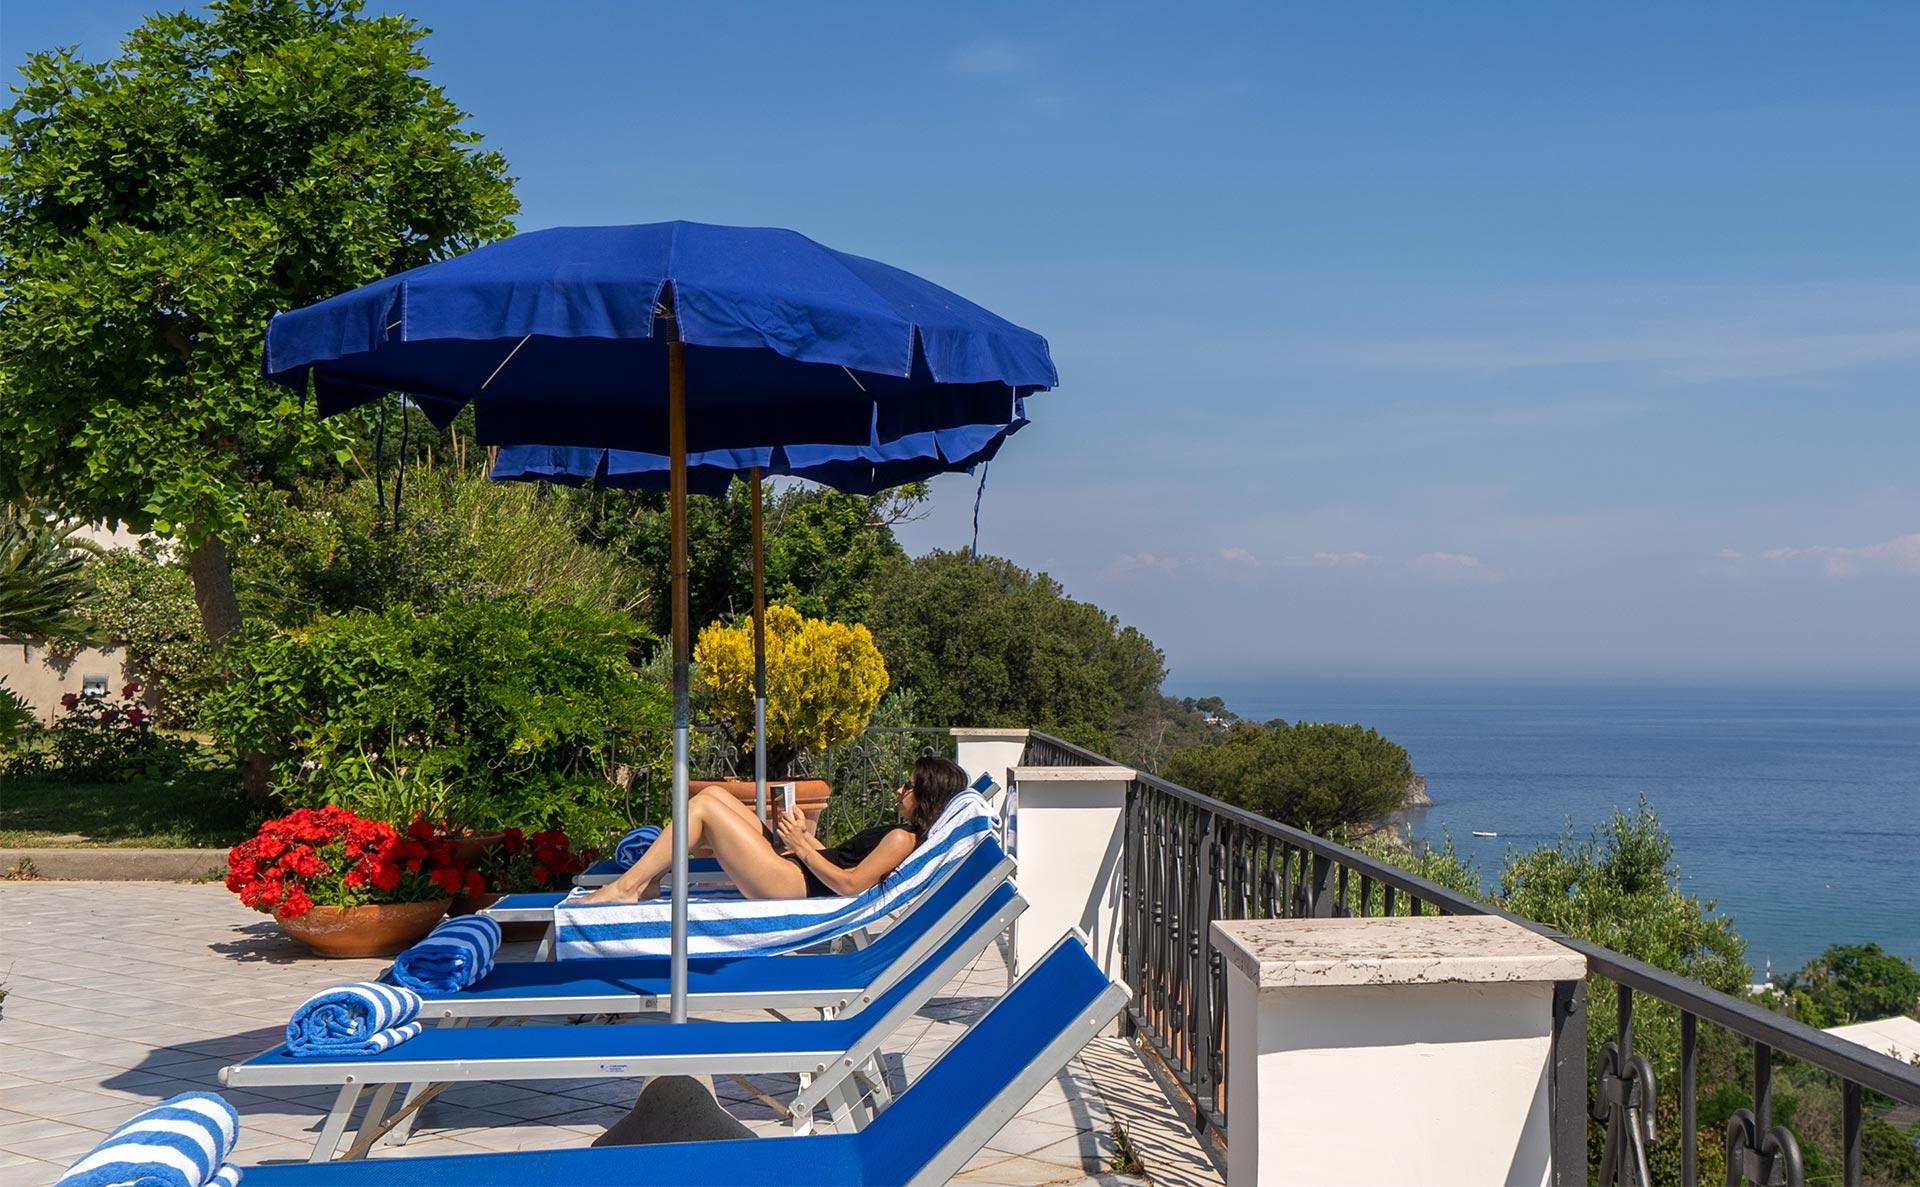 albergo-sanlorenzo_special_prenotazione_anticipata_01